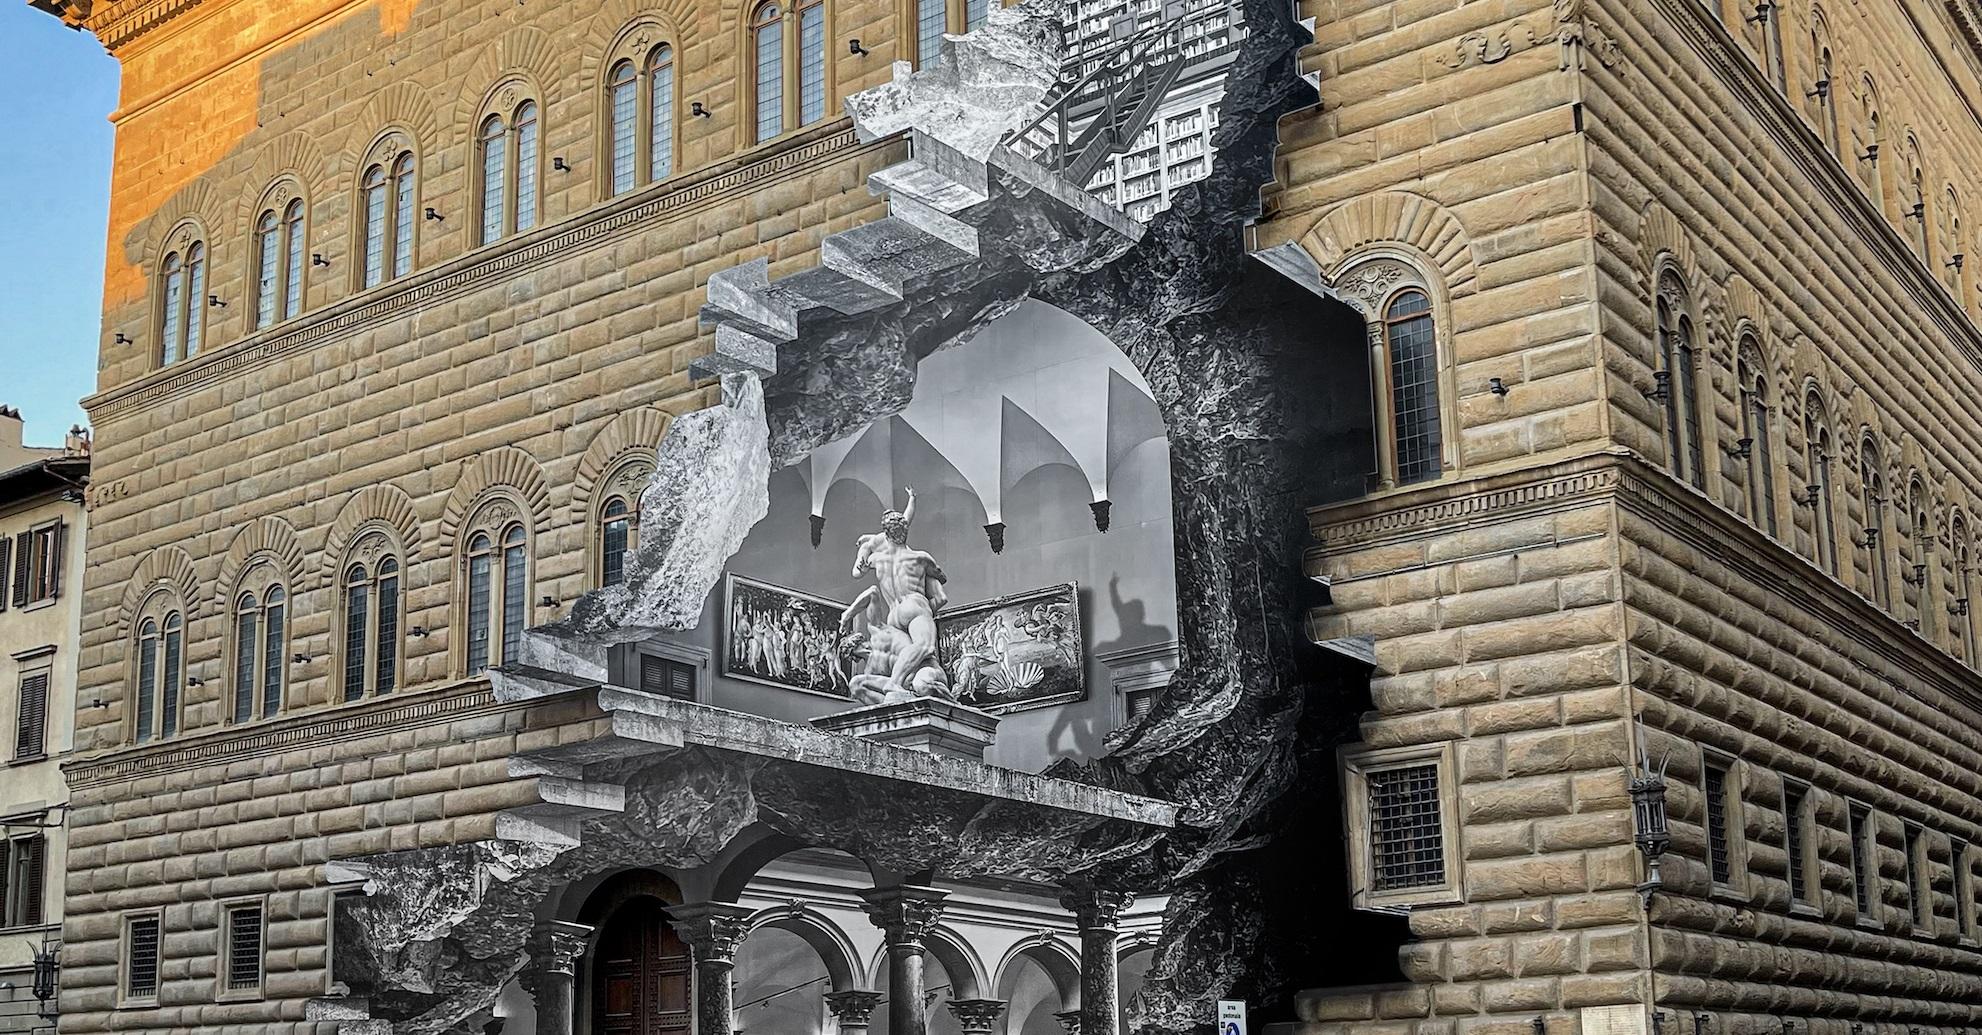 Coprire per svelare: ecco La Ferita con cui JR reinterpreta Palazzo Strozzi, Firenze